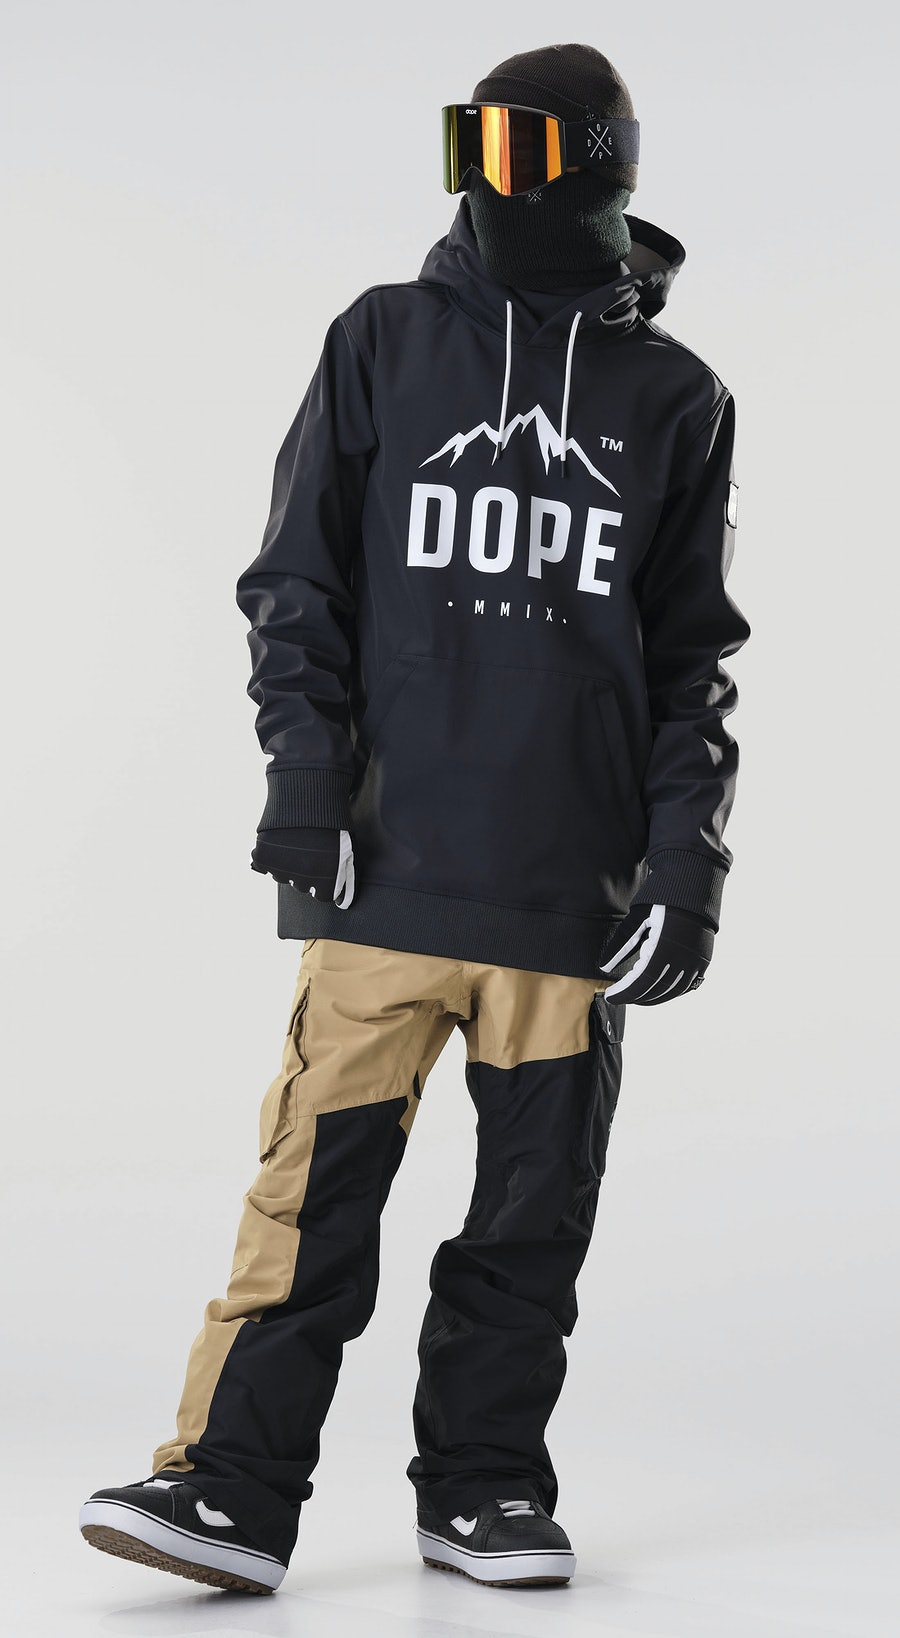 Dope Yeti Paradise Black Snowboard clothing Multi